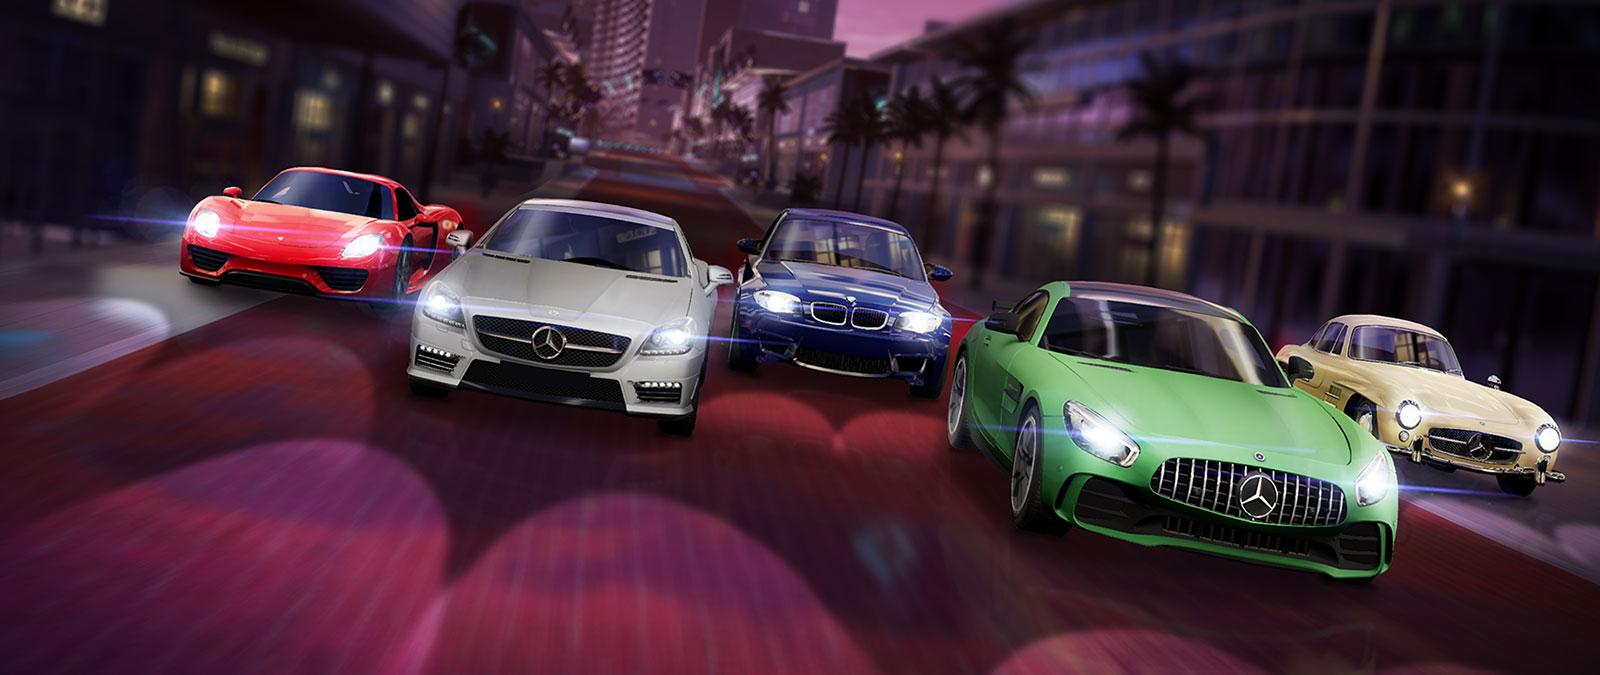 Fünf Autos deutscher Marken in verschiedenen Farben in einer Straße hintereinander aufgereiht